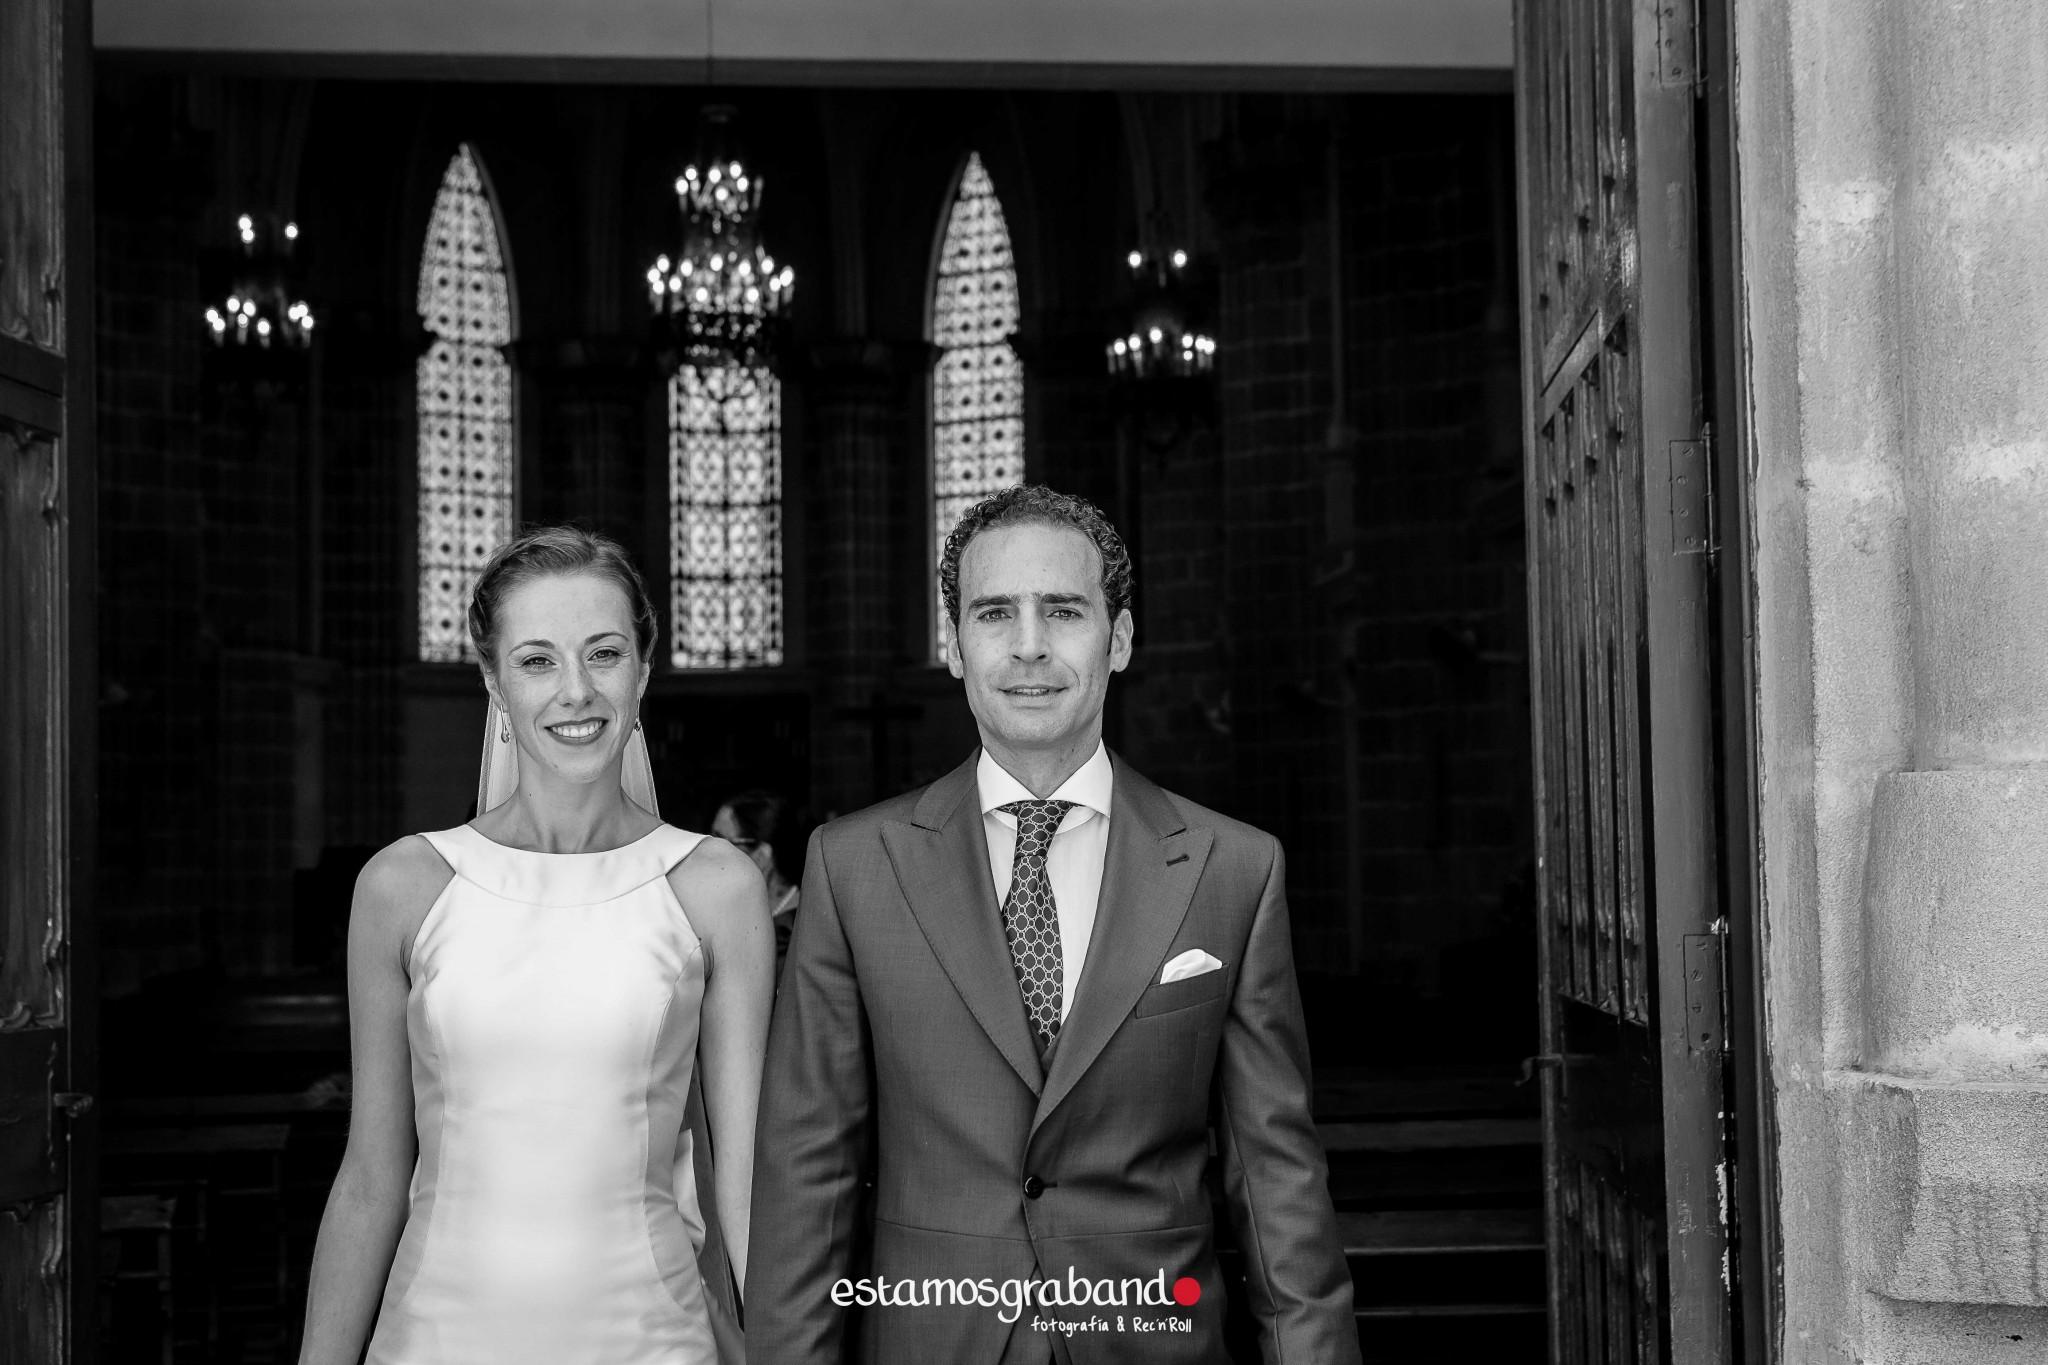 fotografo-de-bodas-jerez_mari-paz-jaime_bodegas-tradiciocc81n-37 32 escalones [Fotografía de bodas Jerez_Mari Paz & Jaime] - video boda cadiz